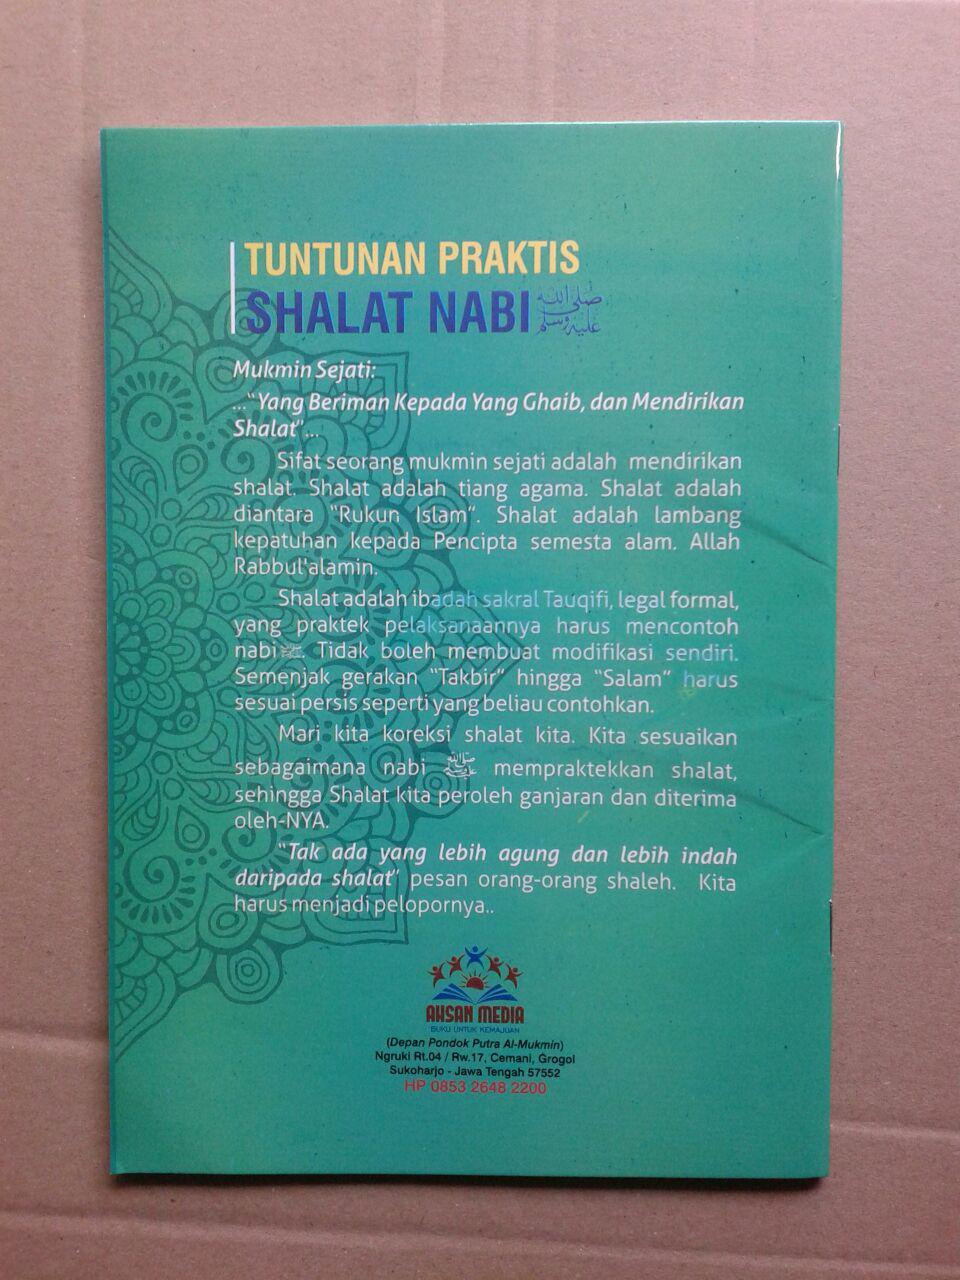 Buku Tuntunan Praktis Shalat Nabi cover 2